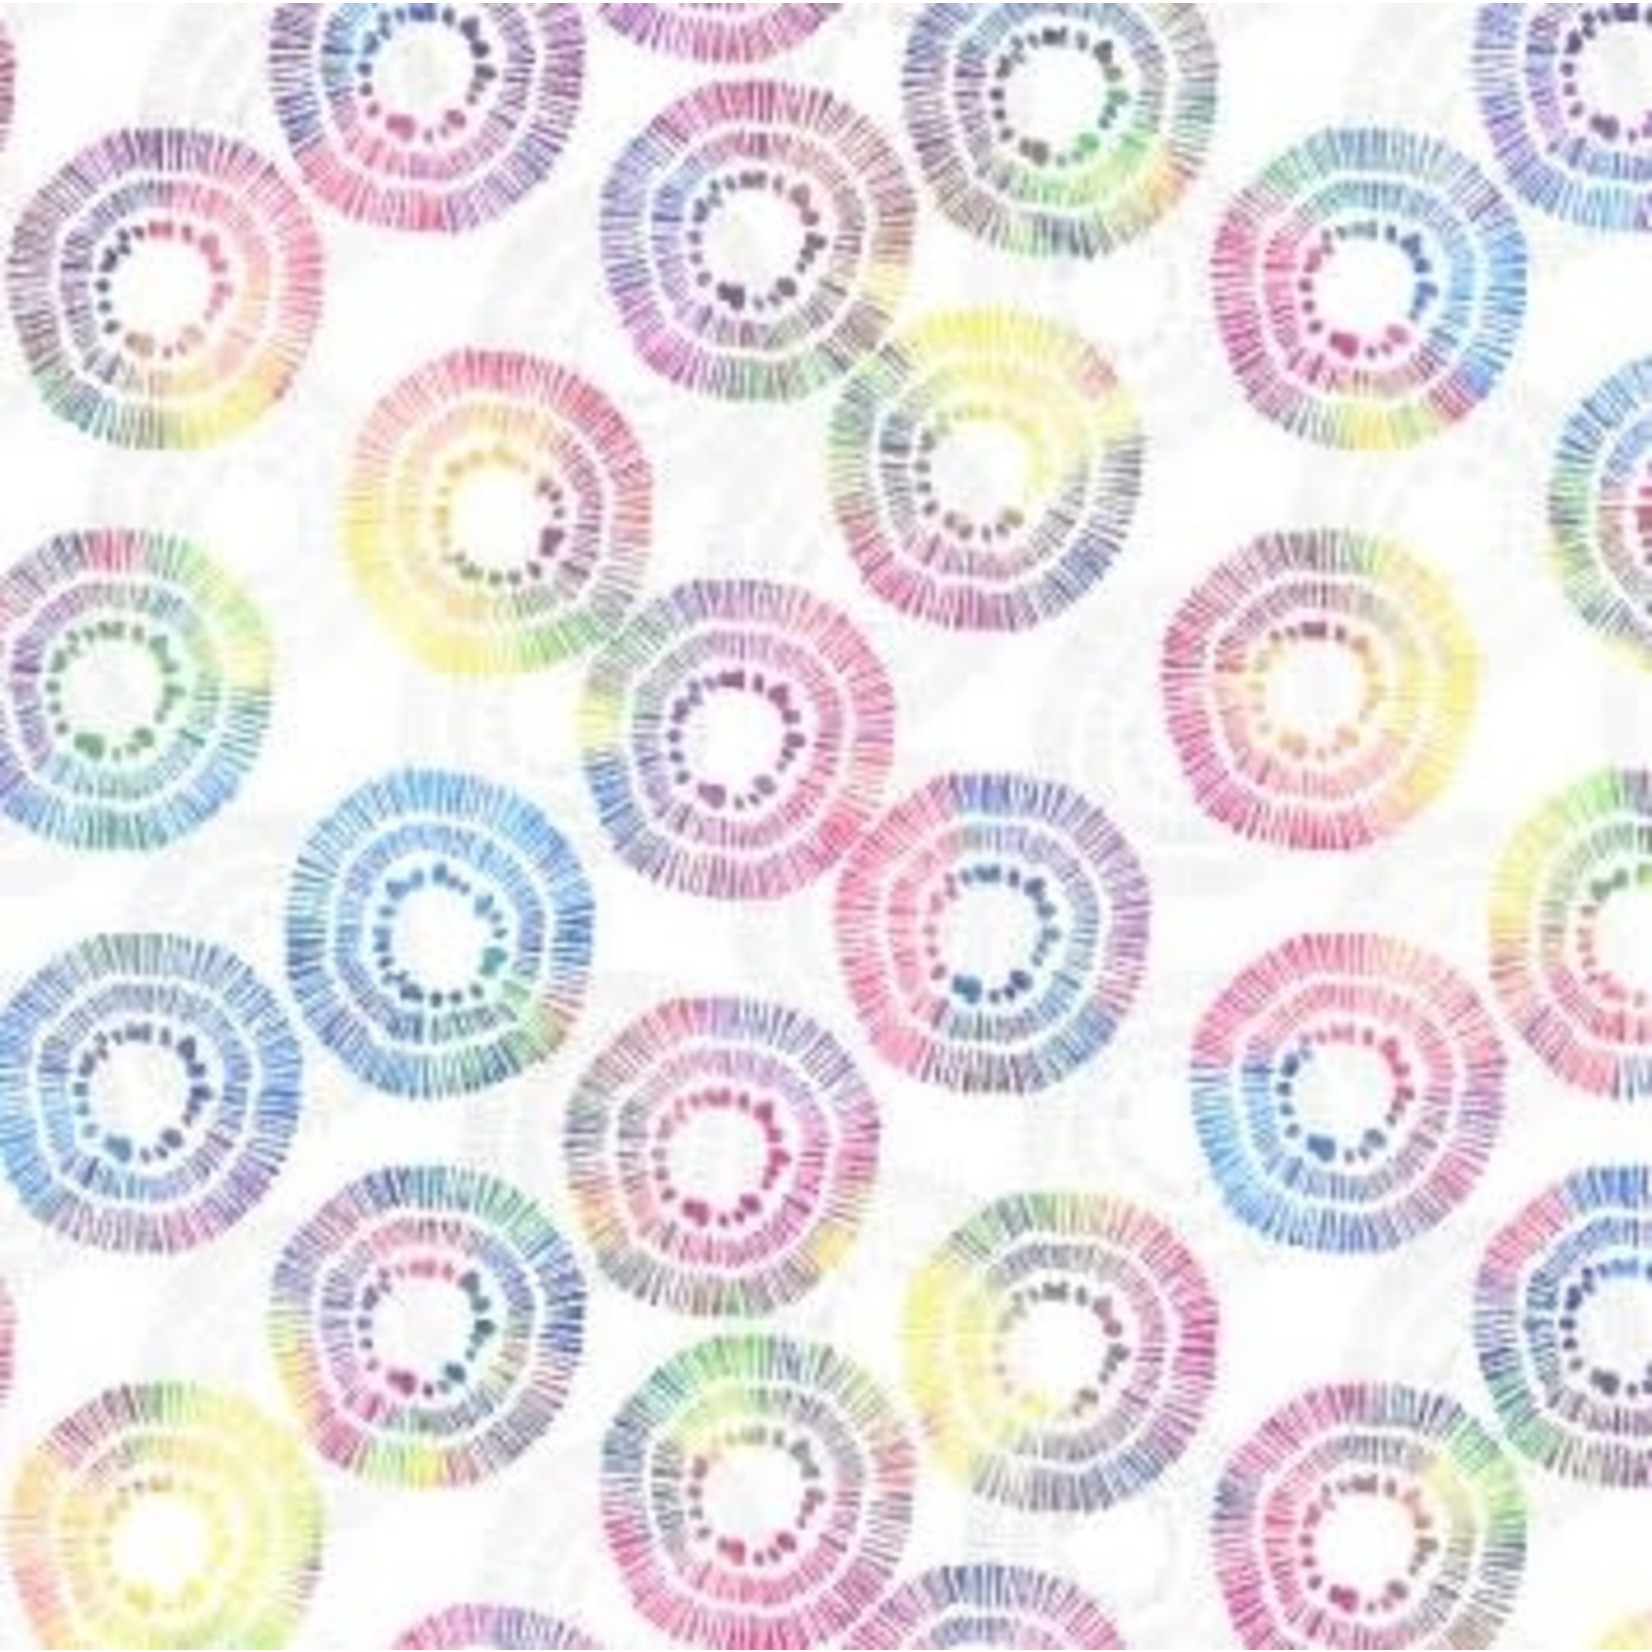 Wilmington Prints Circle Burst - Wit Multi Long Quarter (25 cm x 110 cm)